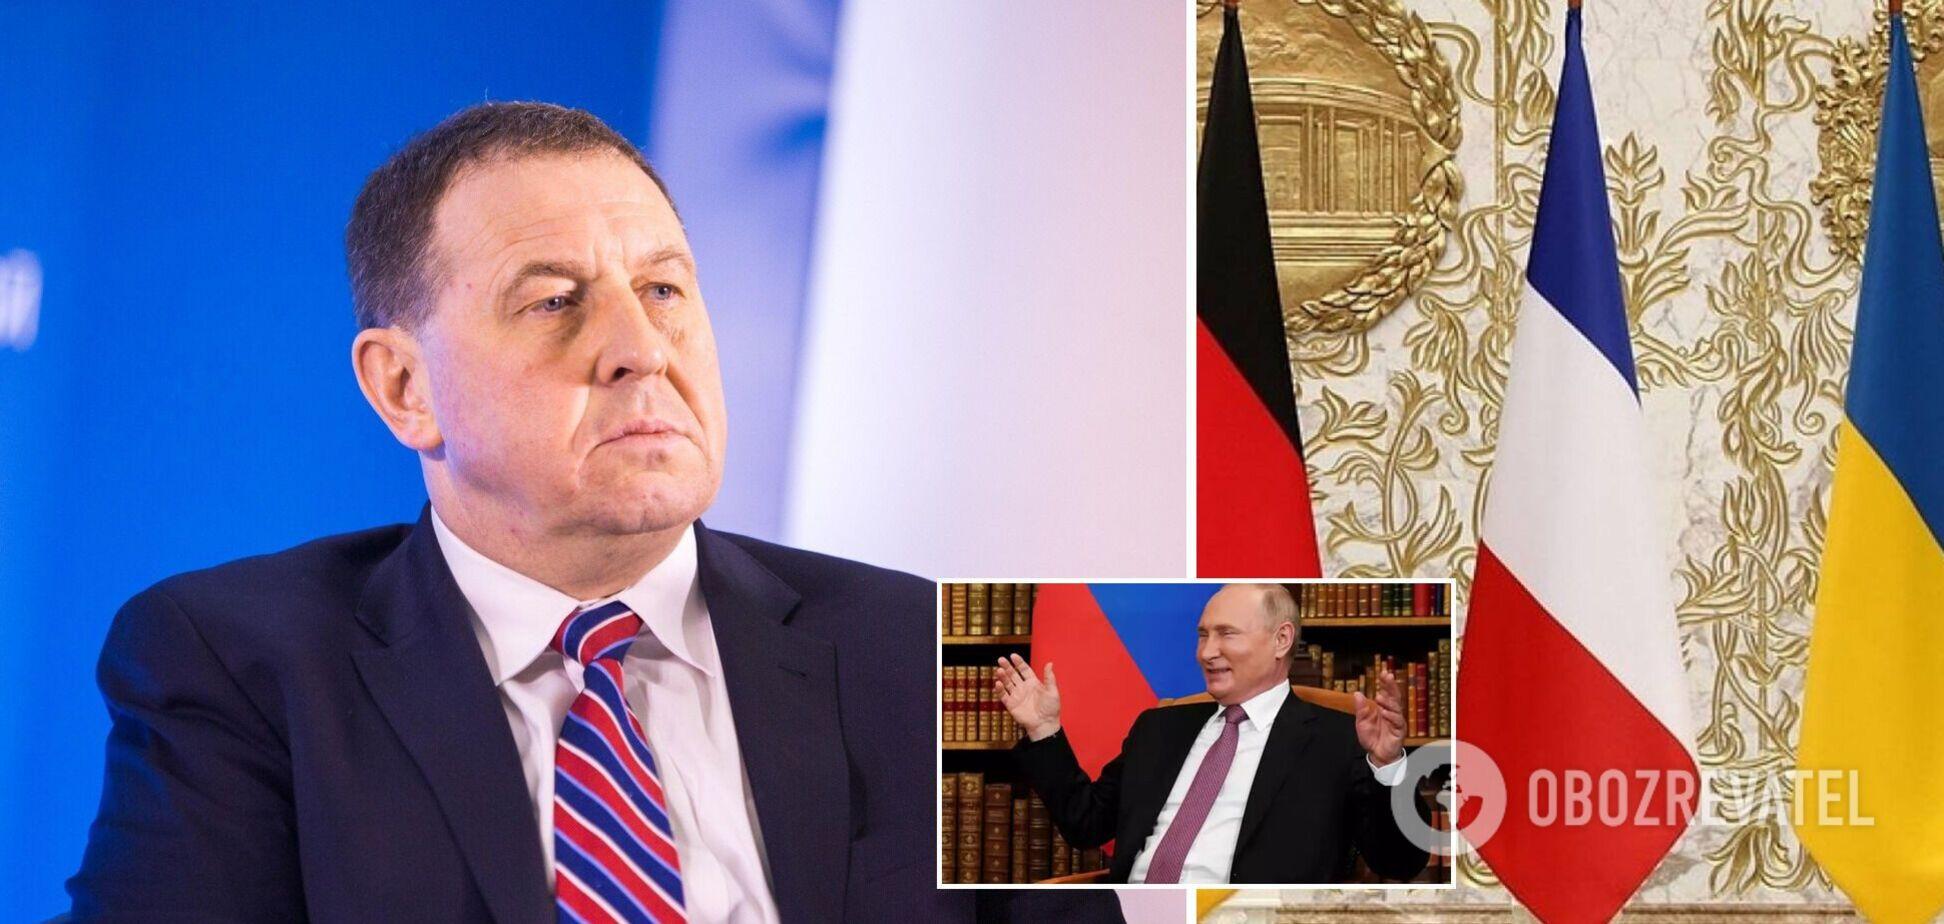 Захід перейшов на бік противника щодо Мінських домовленостей, – ексрадник Путіна